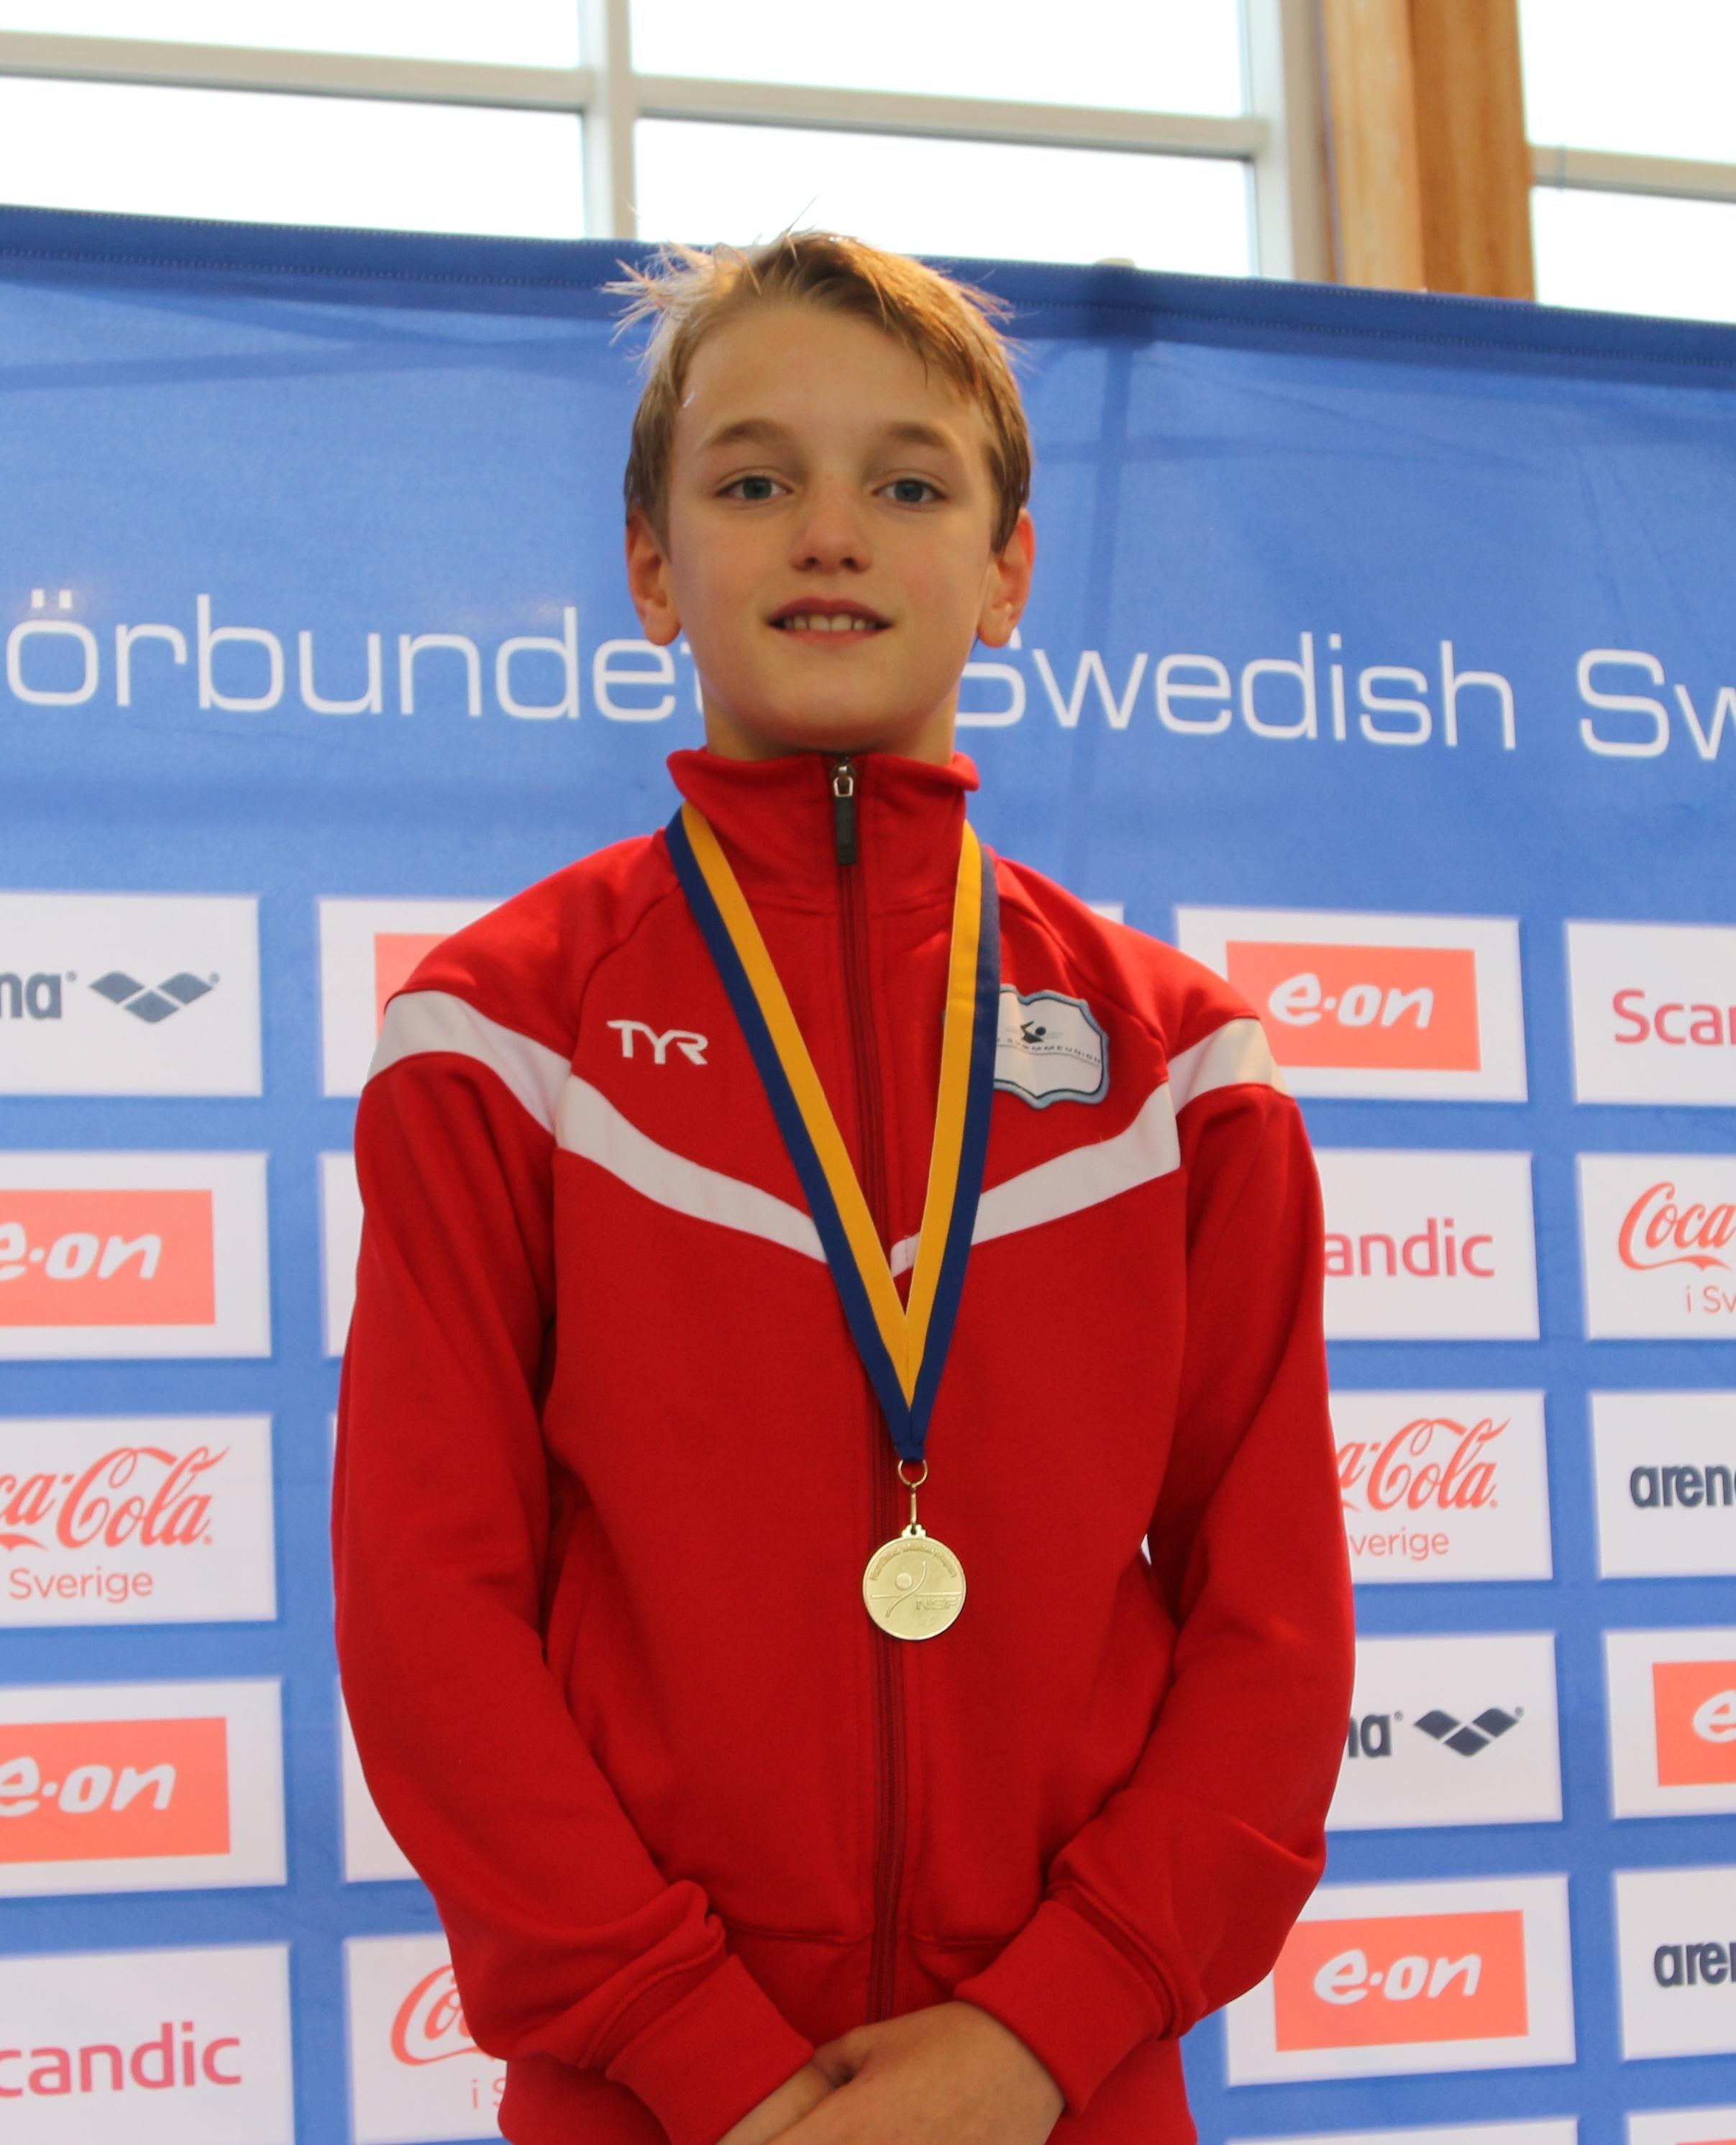 Mads Videbæk